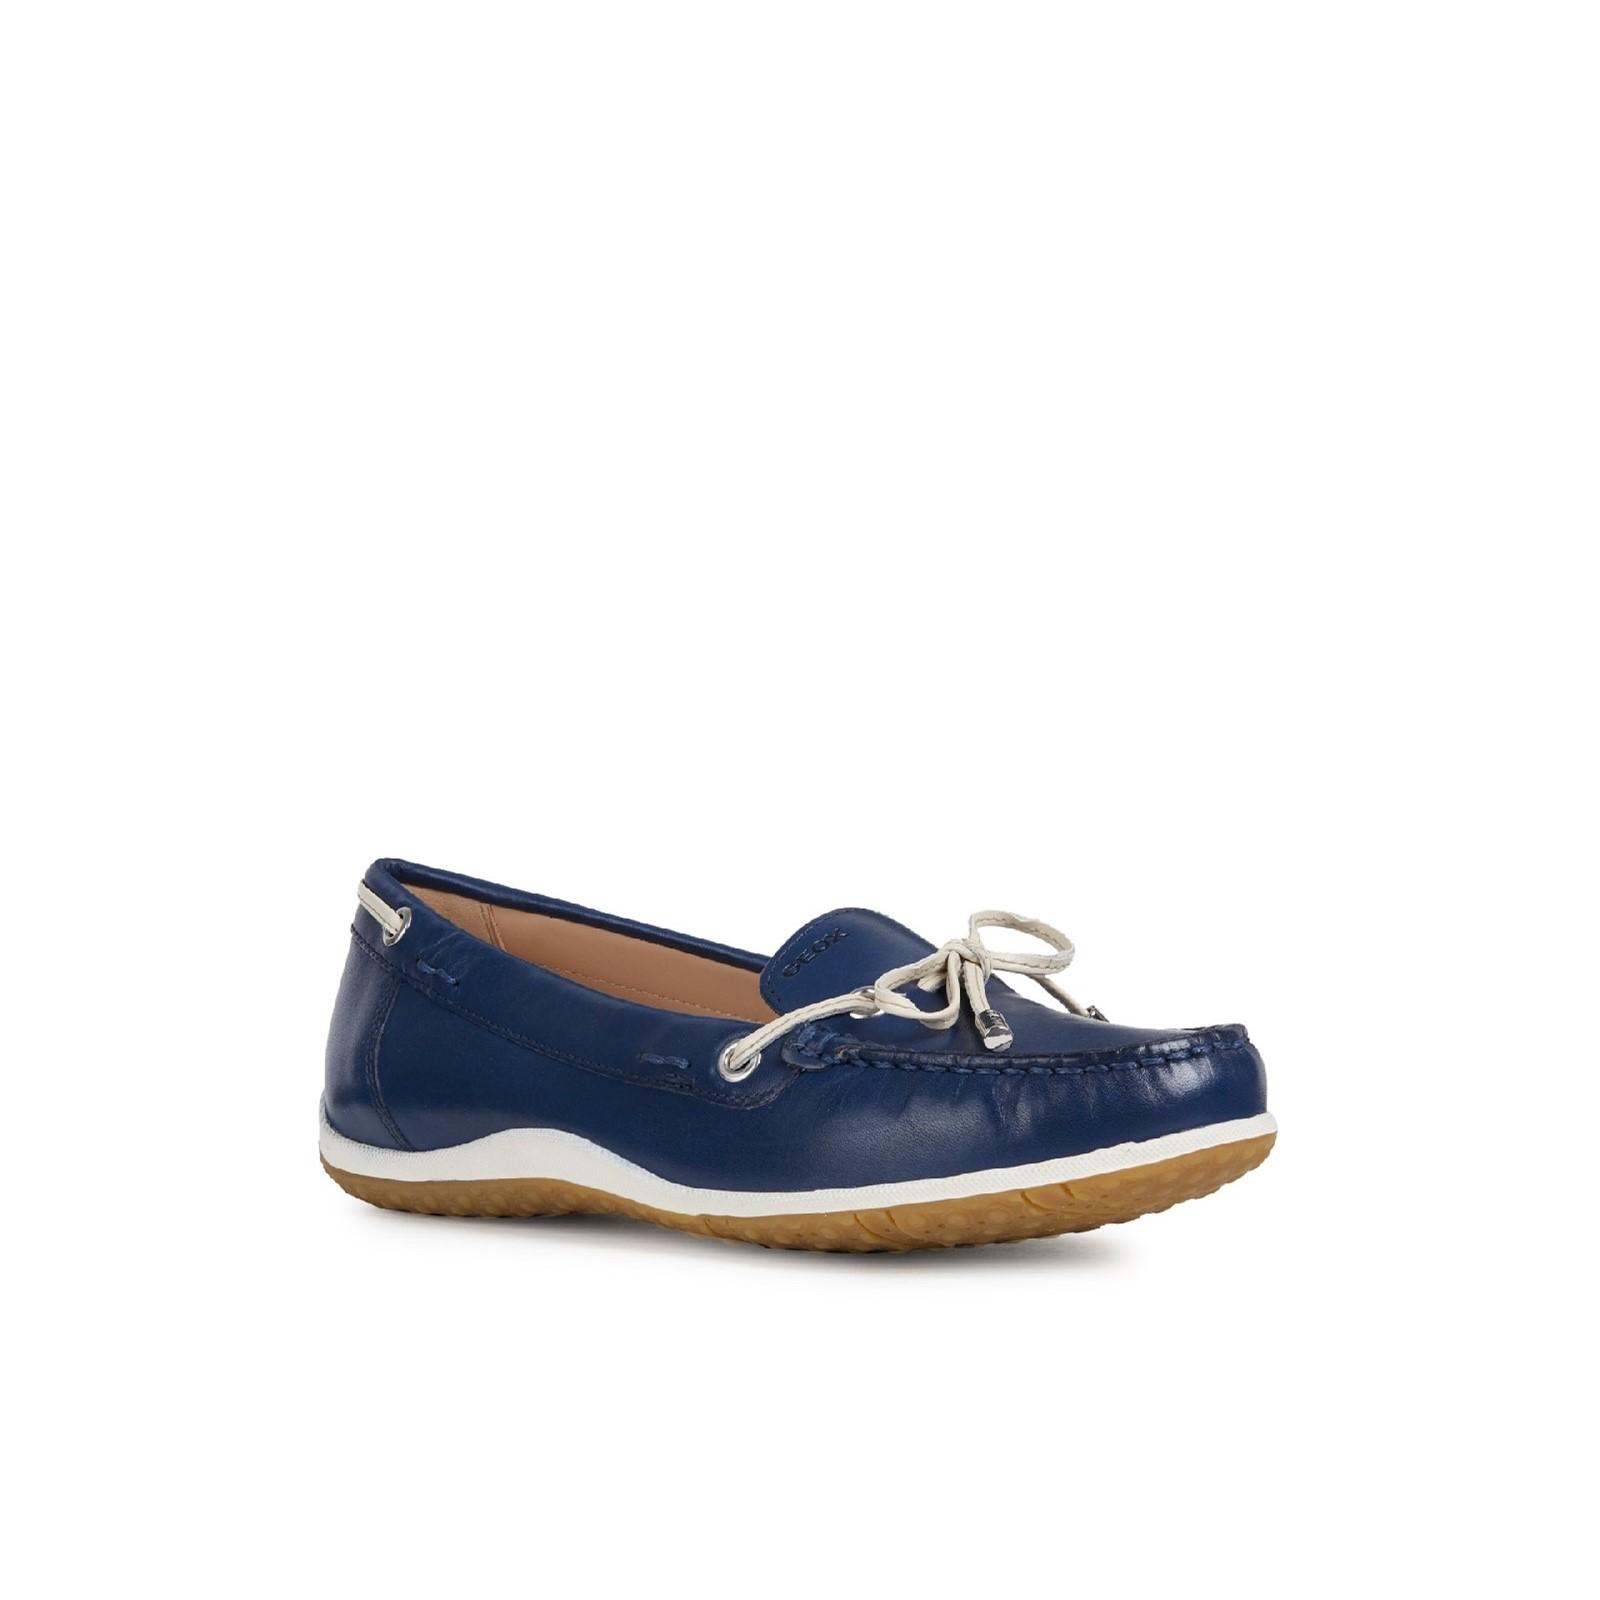 Geox Womens D Vega Moc B Slip On shoes